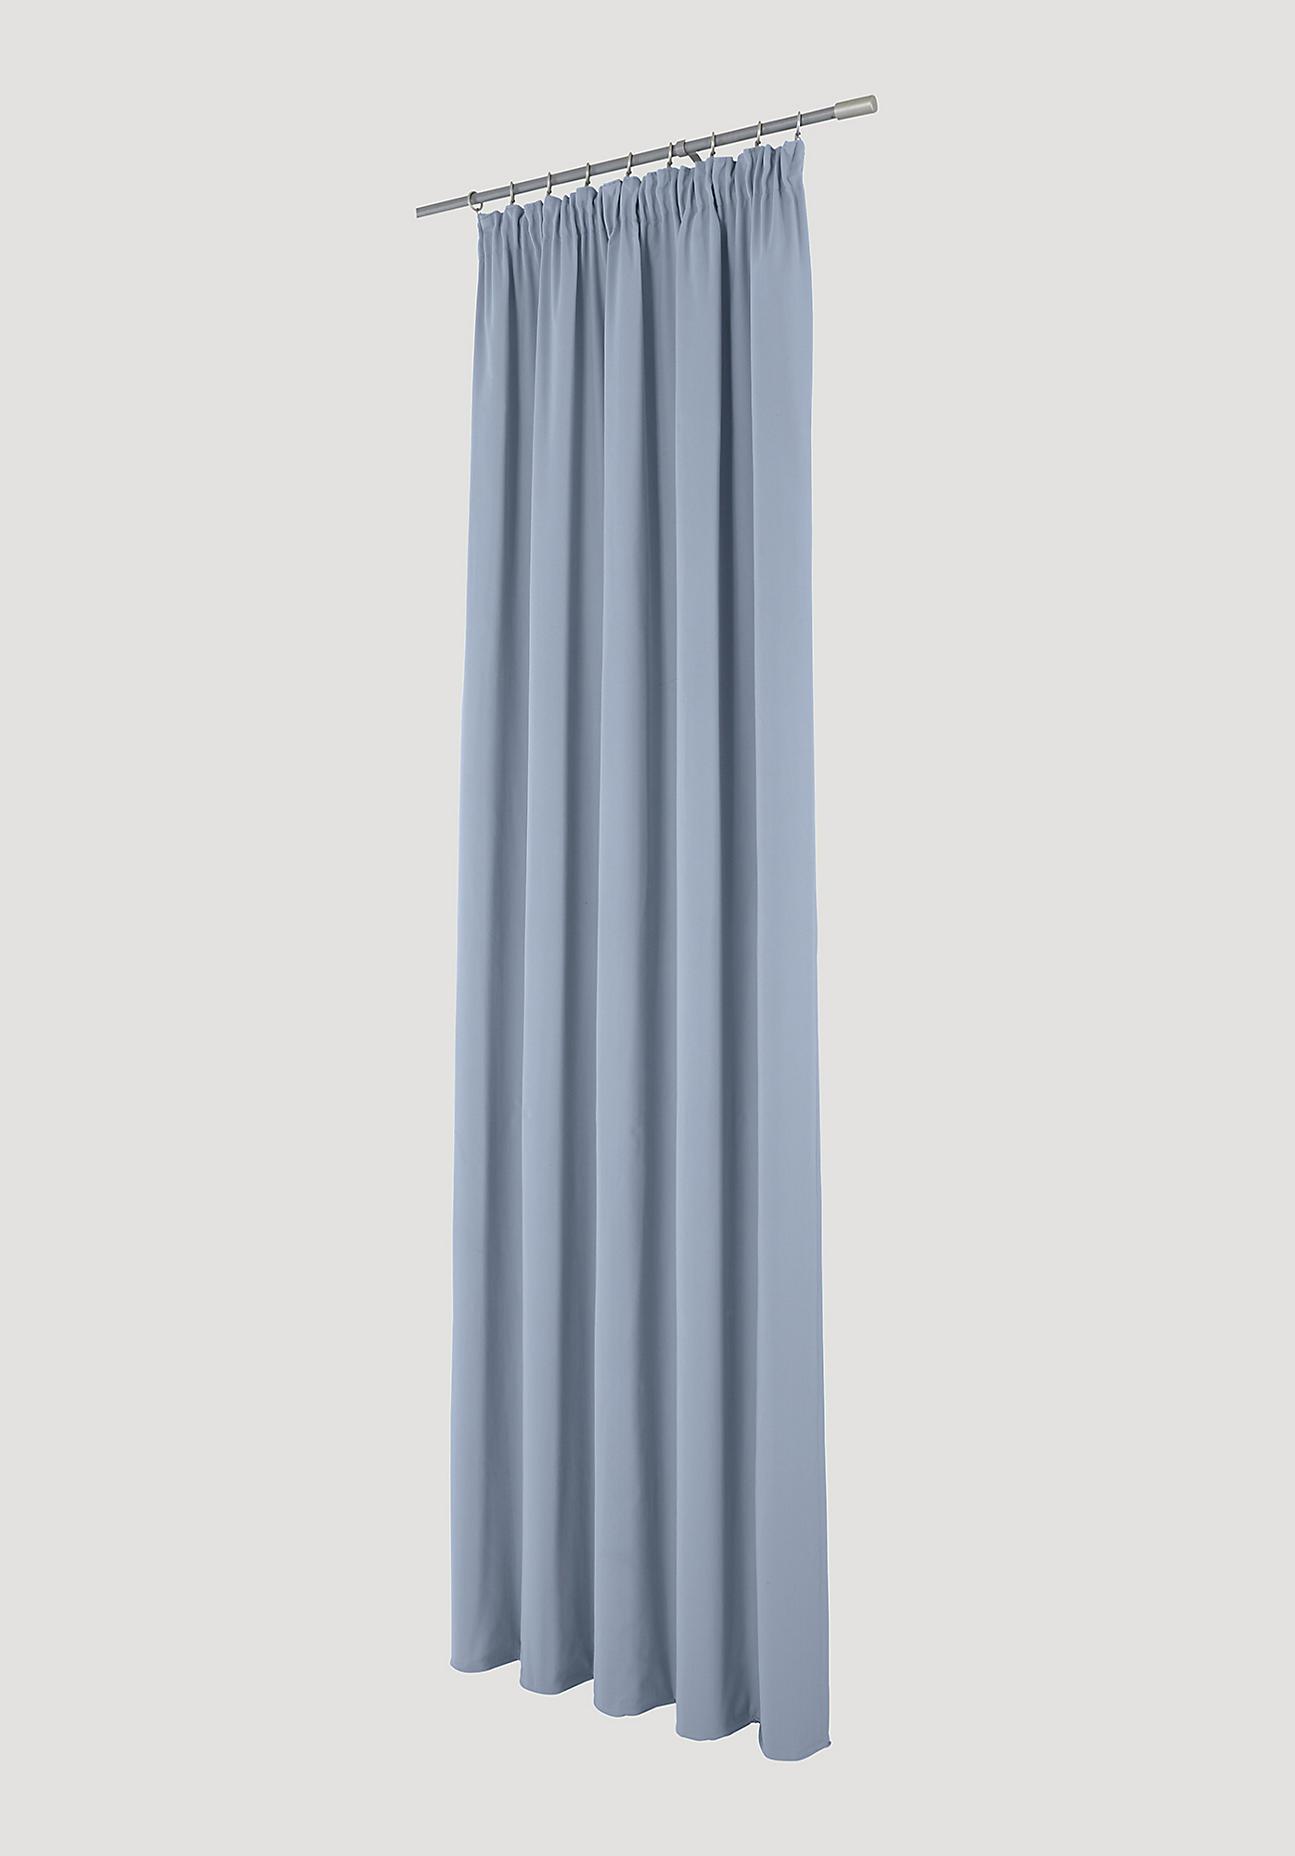 hessnatur Vorhang mit Faltenband aus Bio-Baumwolle – blau – Größe 175x135cm